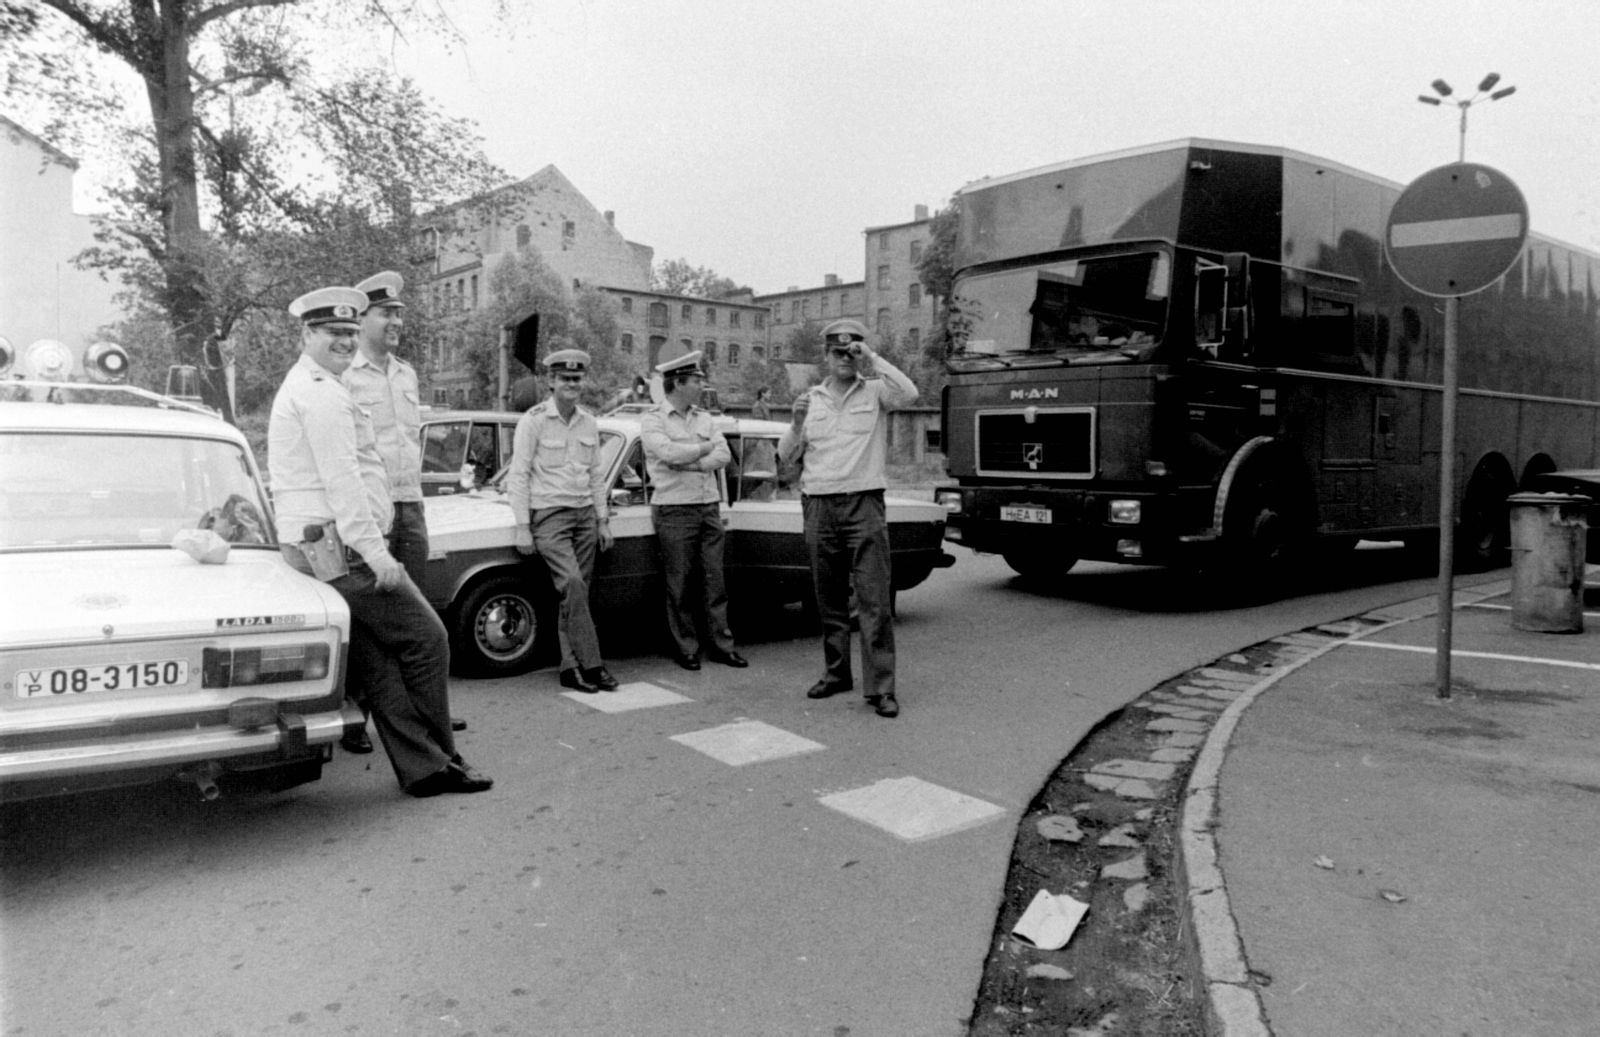 Geschichte 1990 im Juni. das erste Westgeld kommt nach Halle und wird hier in der Staatsbank der DDR am Weisenhausring e